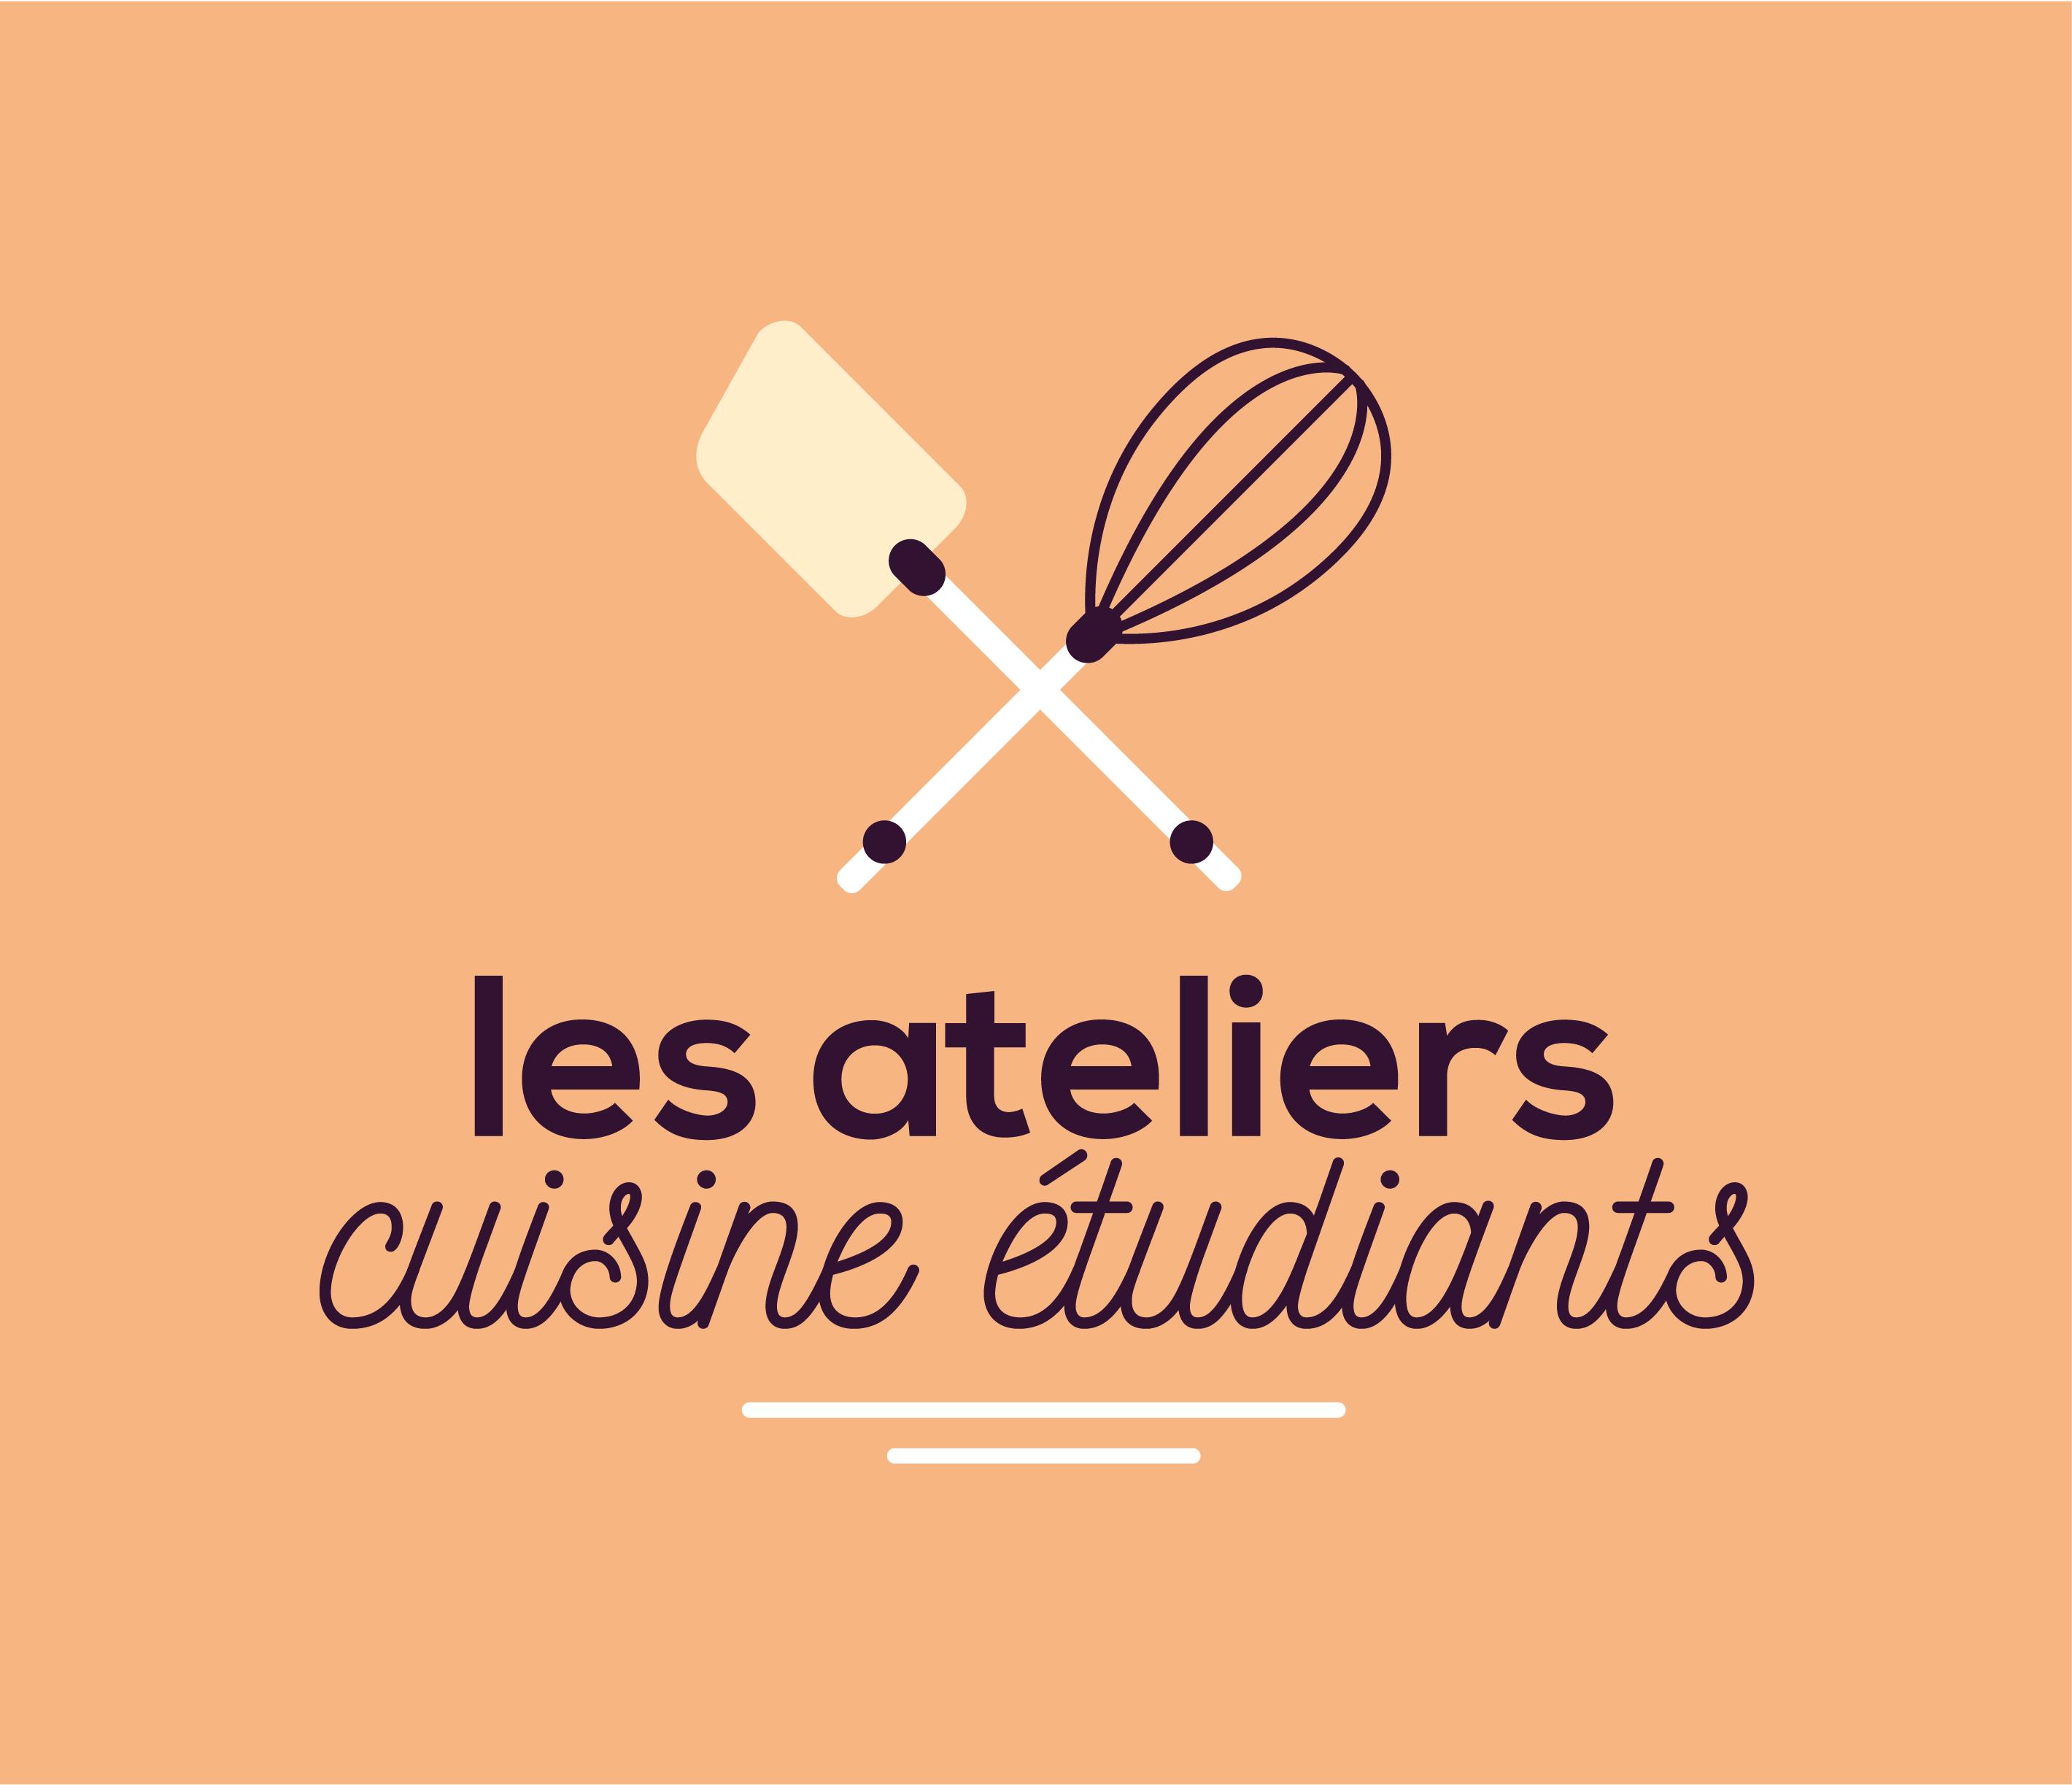 Petitspaniers2018_logo-03